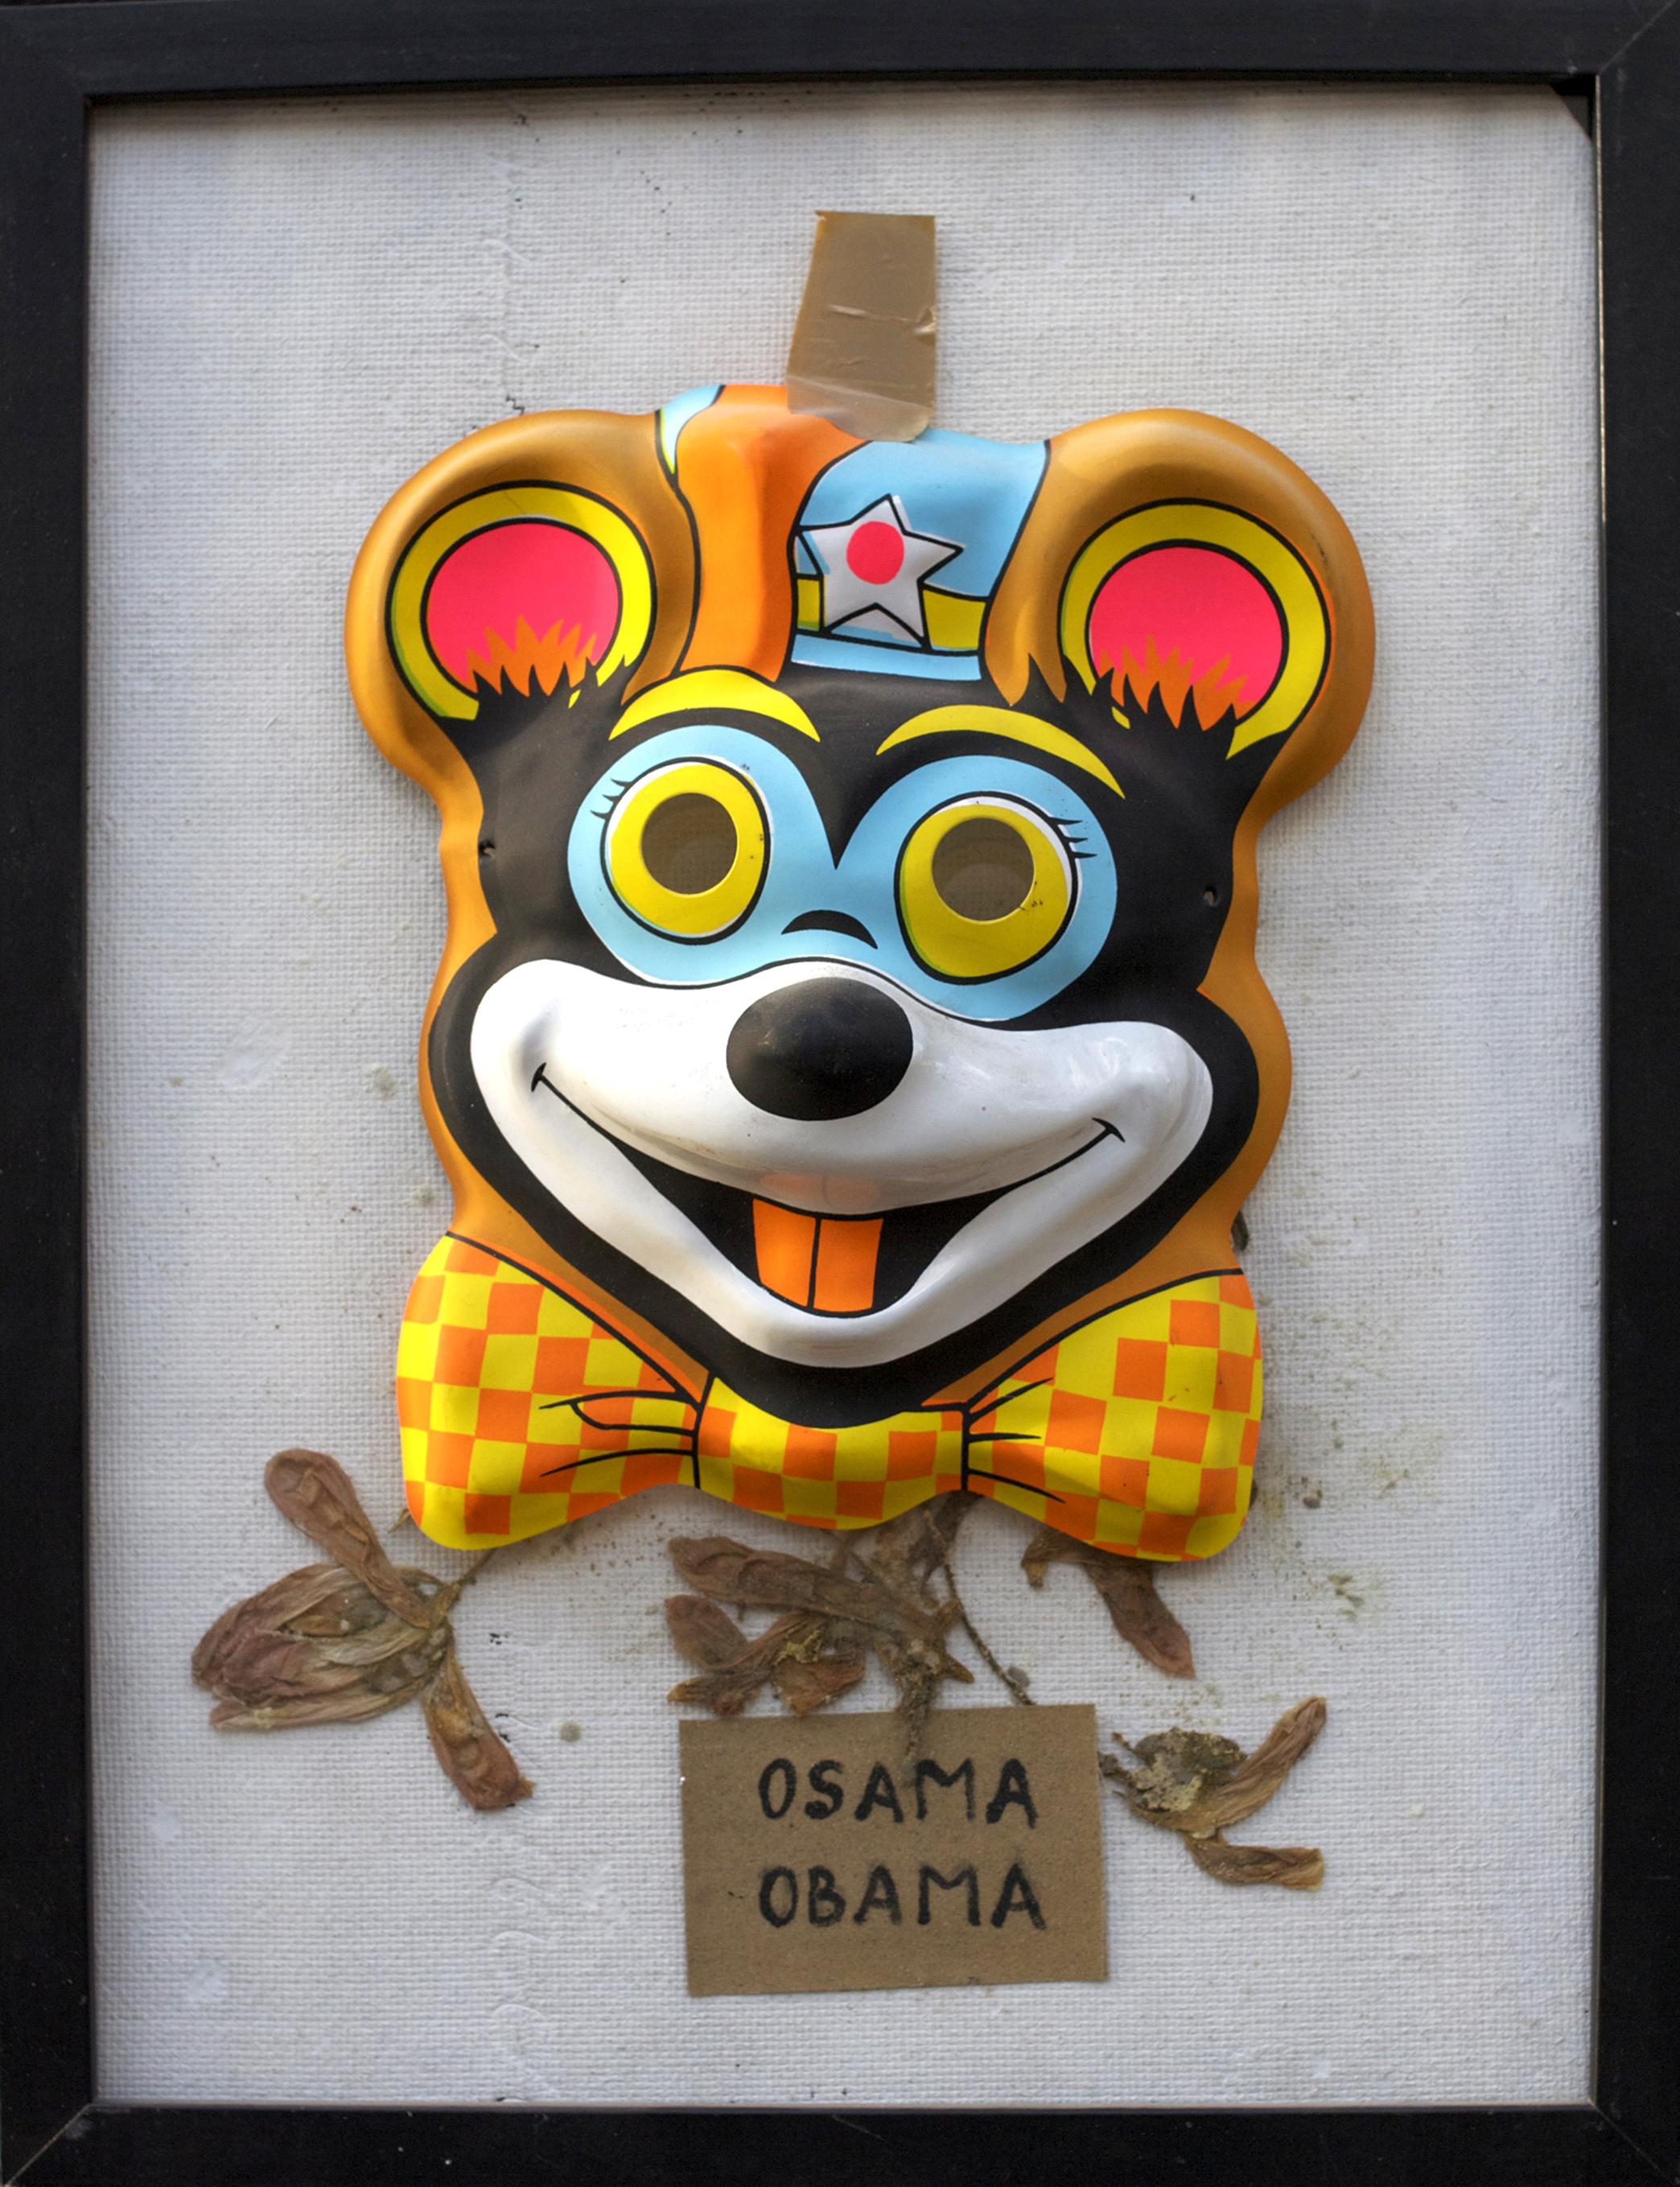 OSAMA NOT DEAD-32x42Cm-12.6x16.5In-MMC-BERLIN-2011